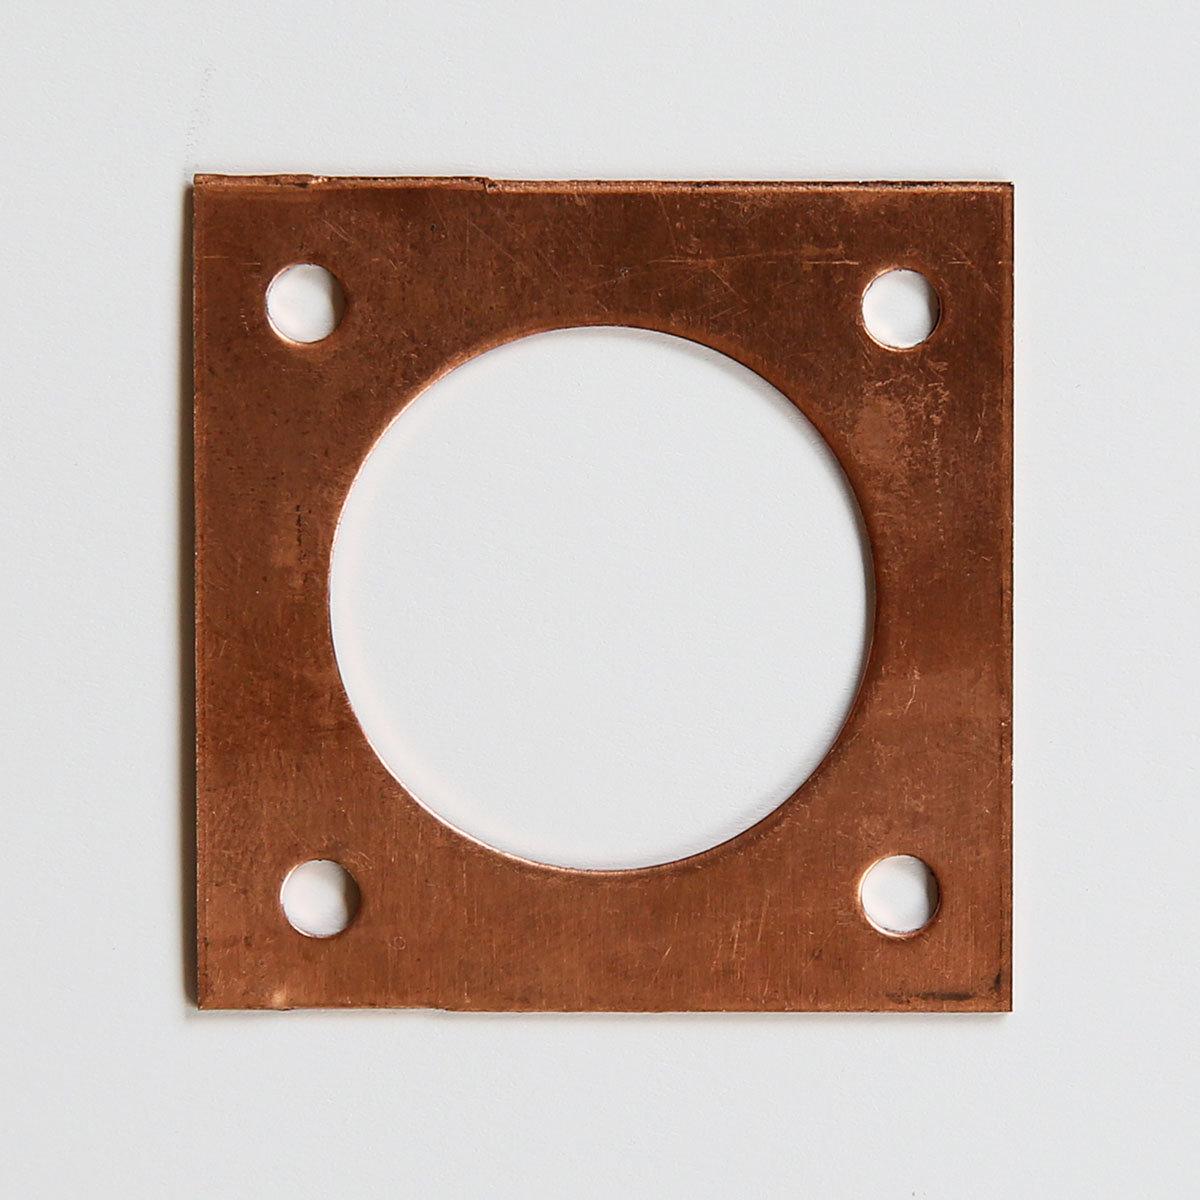 Lochschutz für Holz-Nistkästen